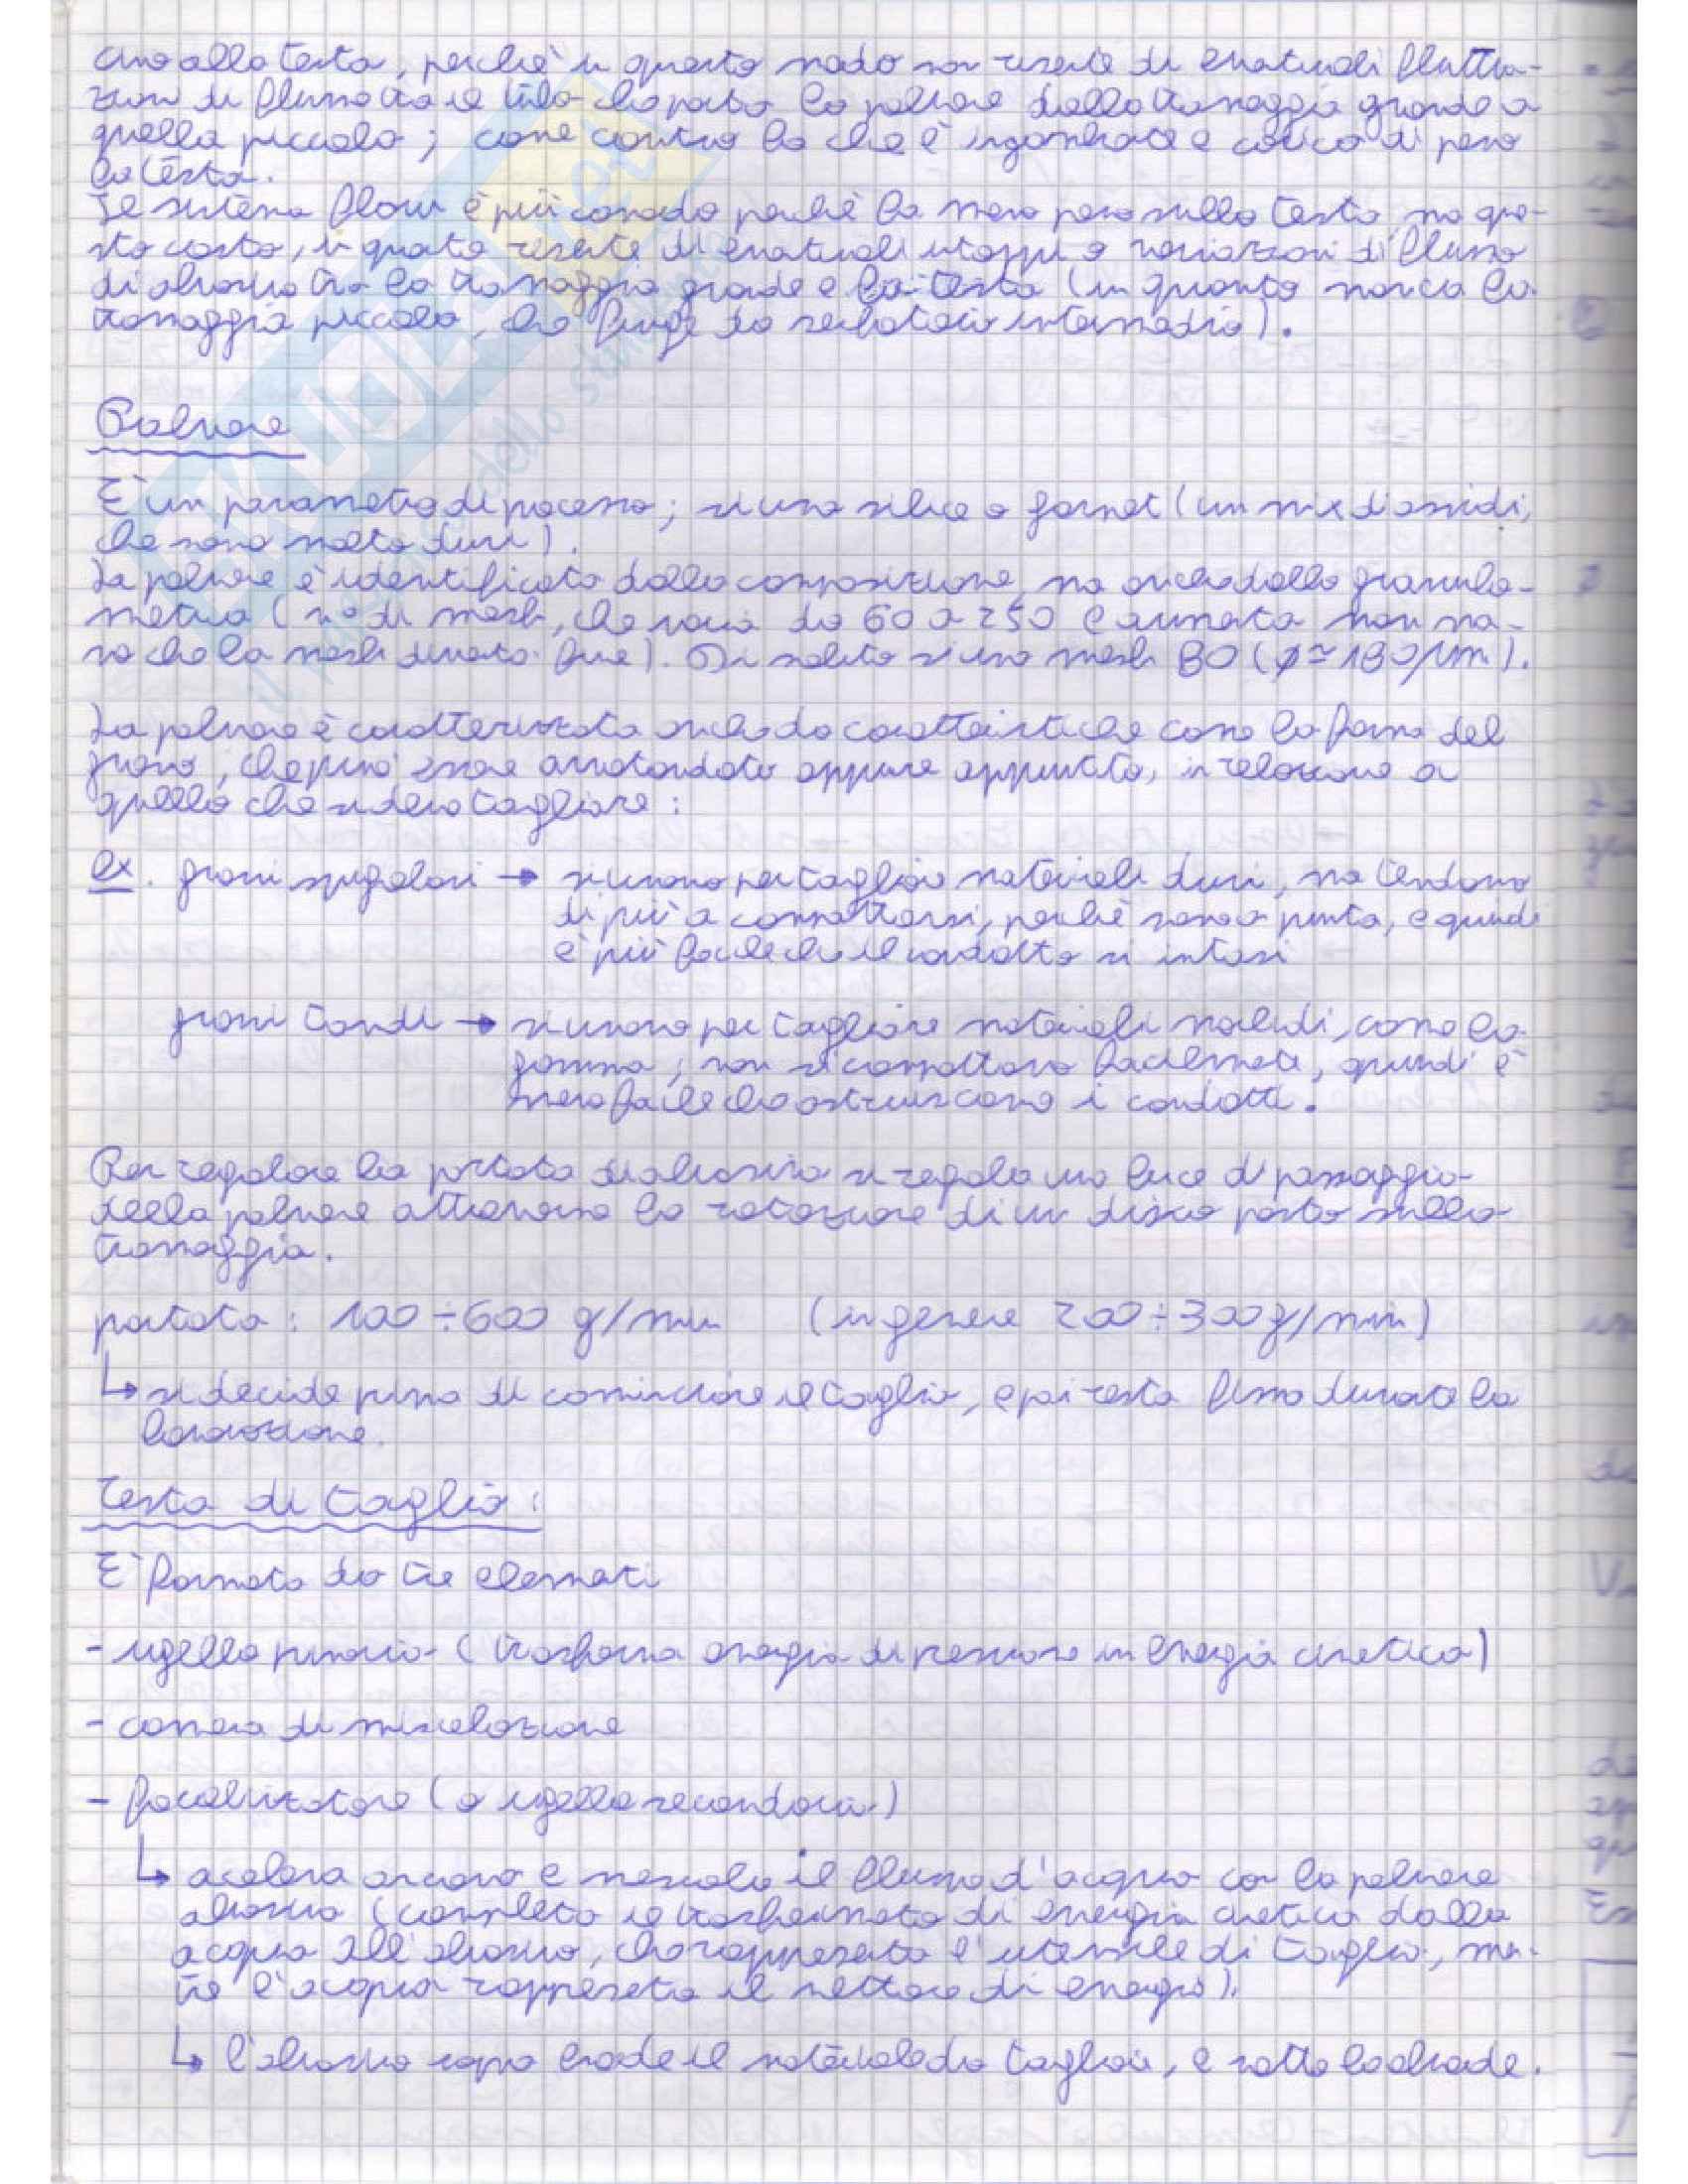 Tecnologia meccanica 2 - Appunti Pag. 36